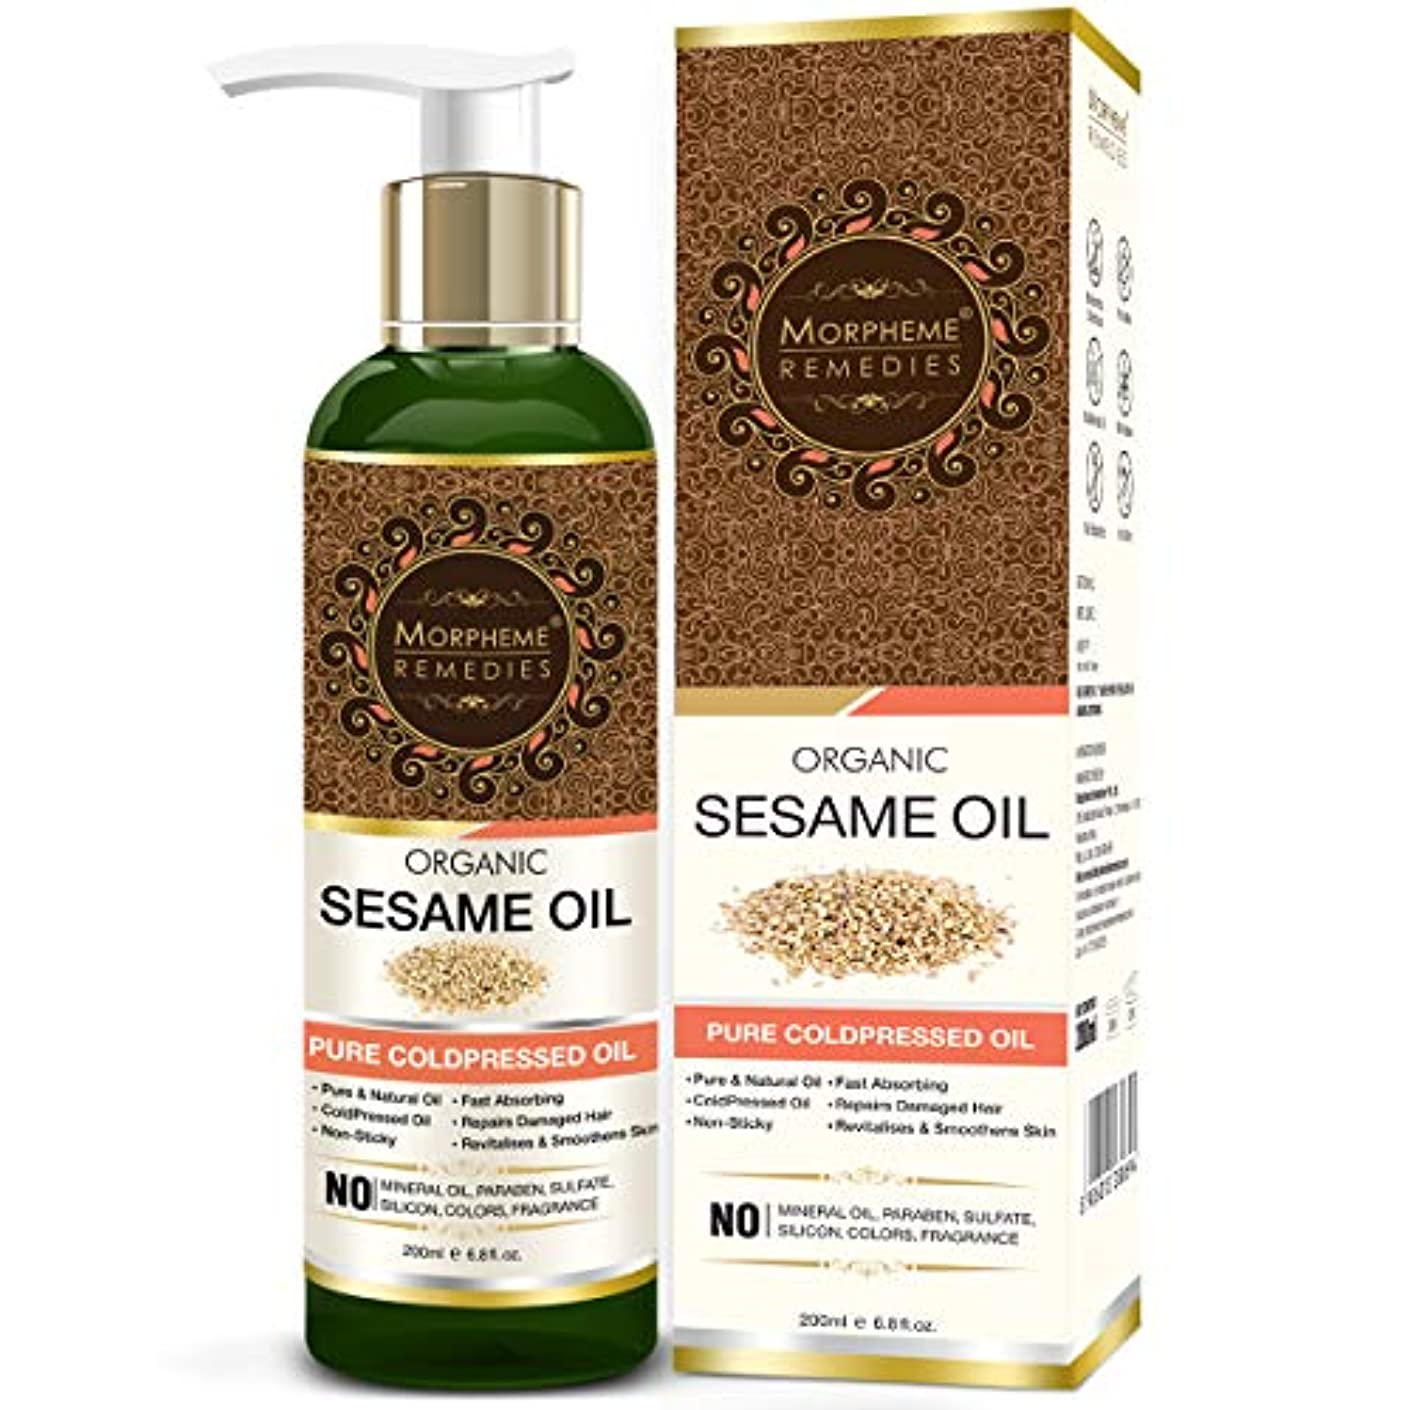 道徳のうんざり抑圧者Morpheme Remedies Organic Sesame Oil (Pure ColdPressed Oil) For Hair, Body, Skin Care, Massage, 200 ml